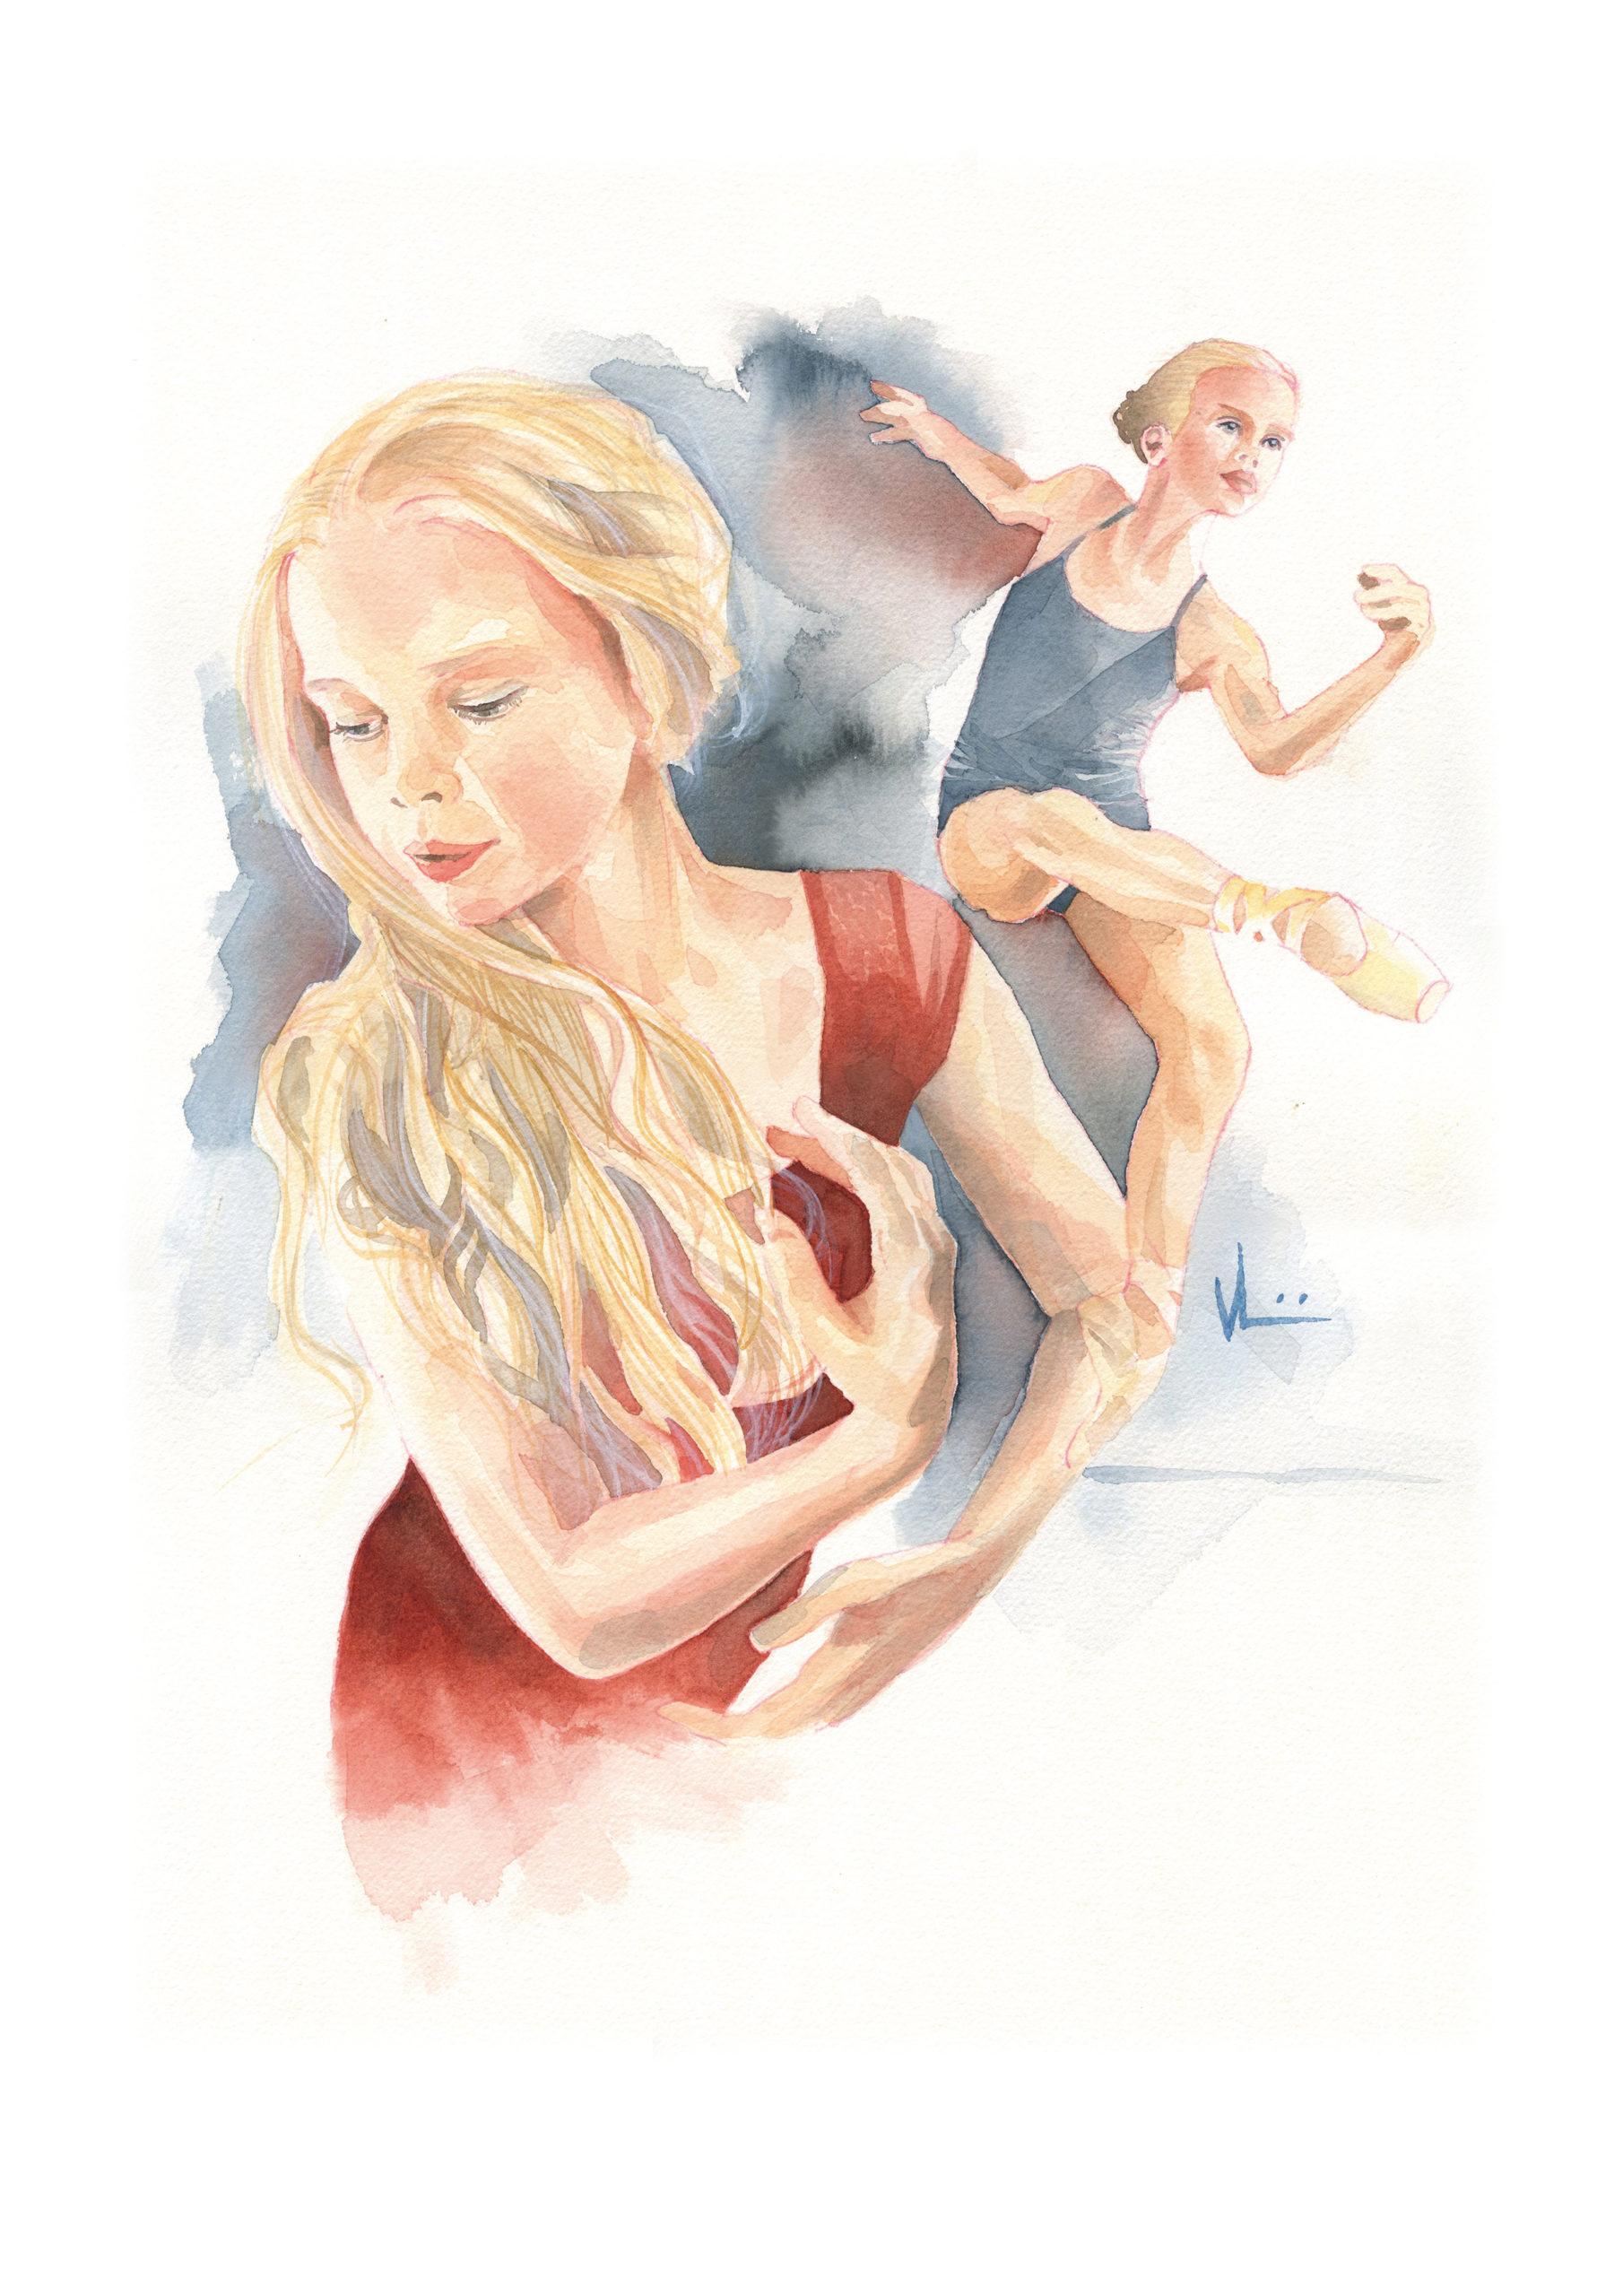 Dancer_Isobel_35x50_Watercolor